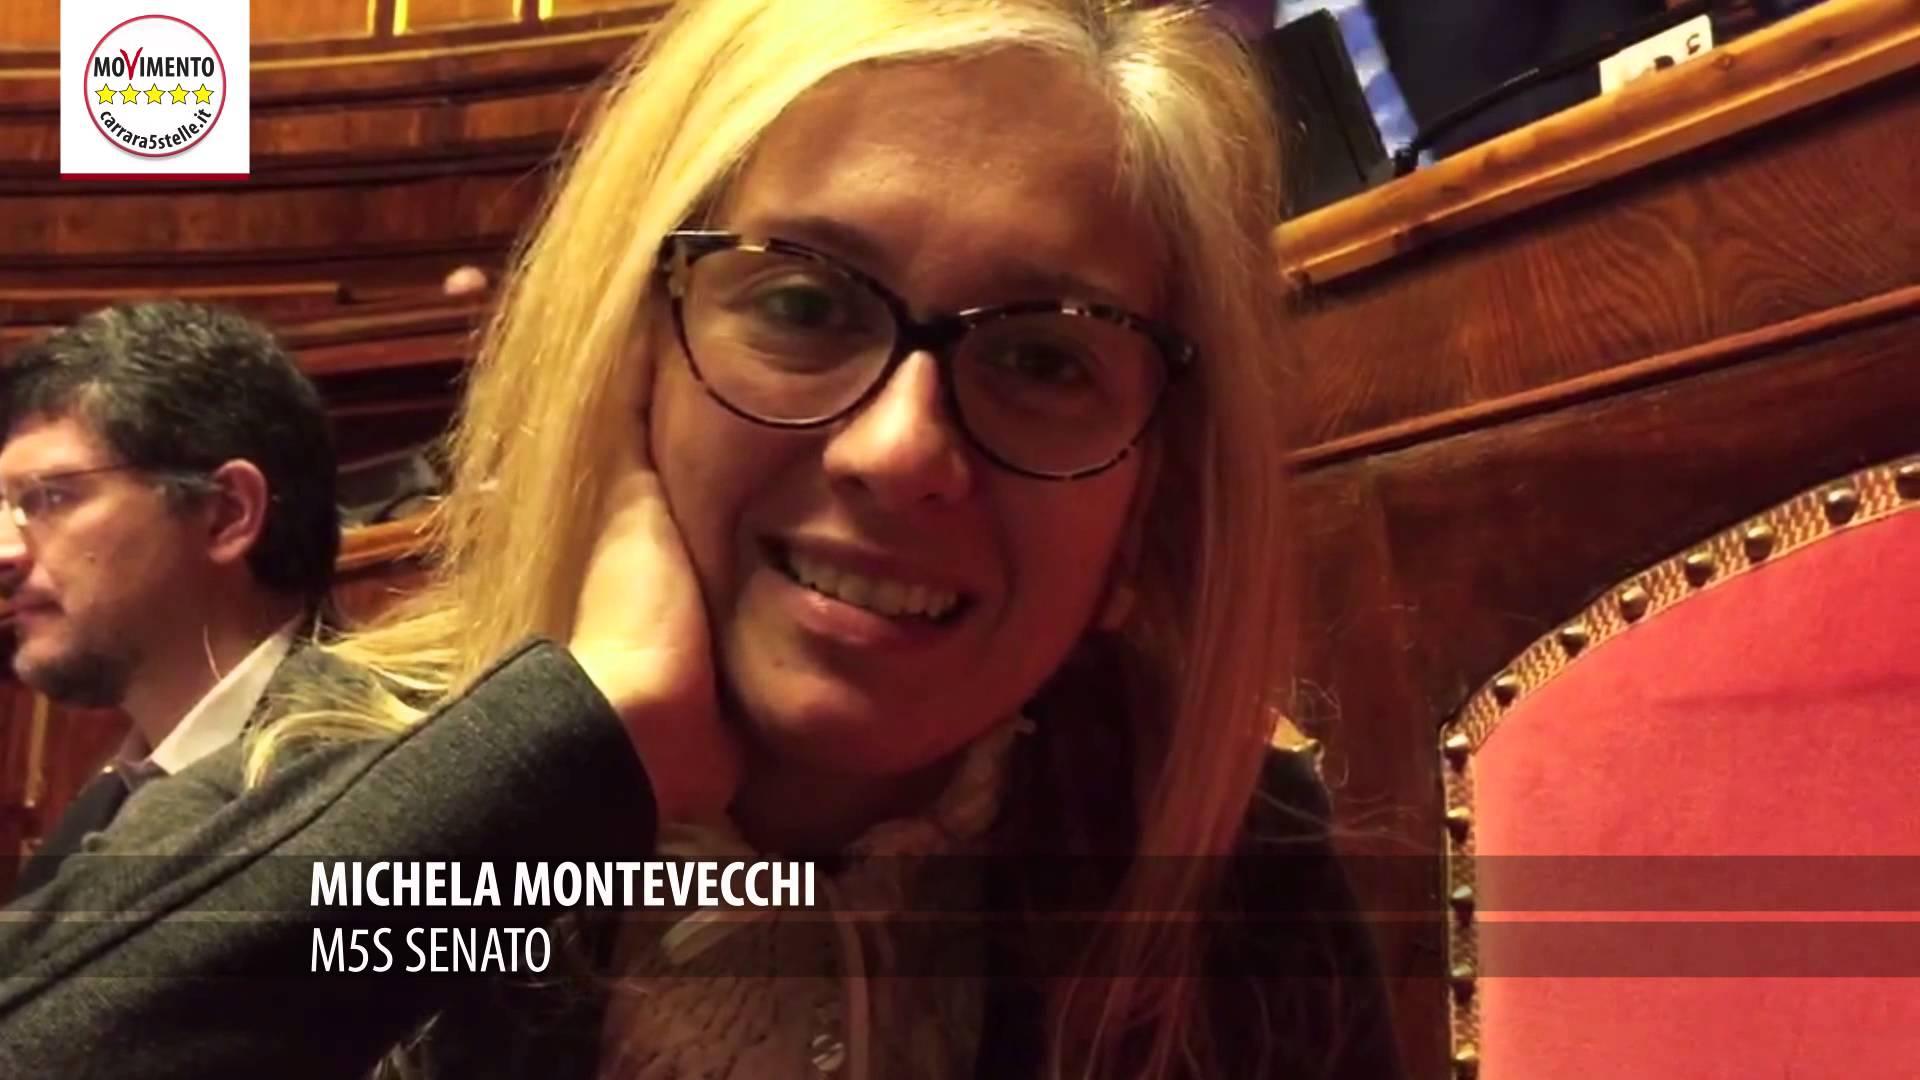 Politiche 2018: la lista del Movimento 5 Stelle.Michela Montevecchi sfida Errani e Casini